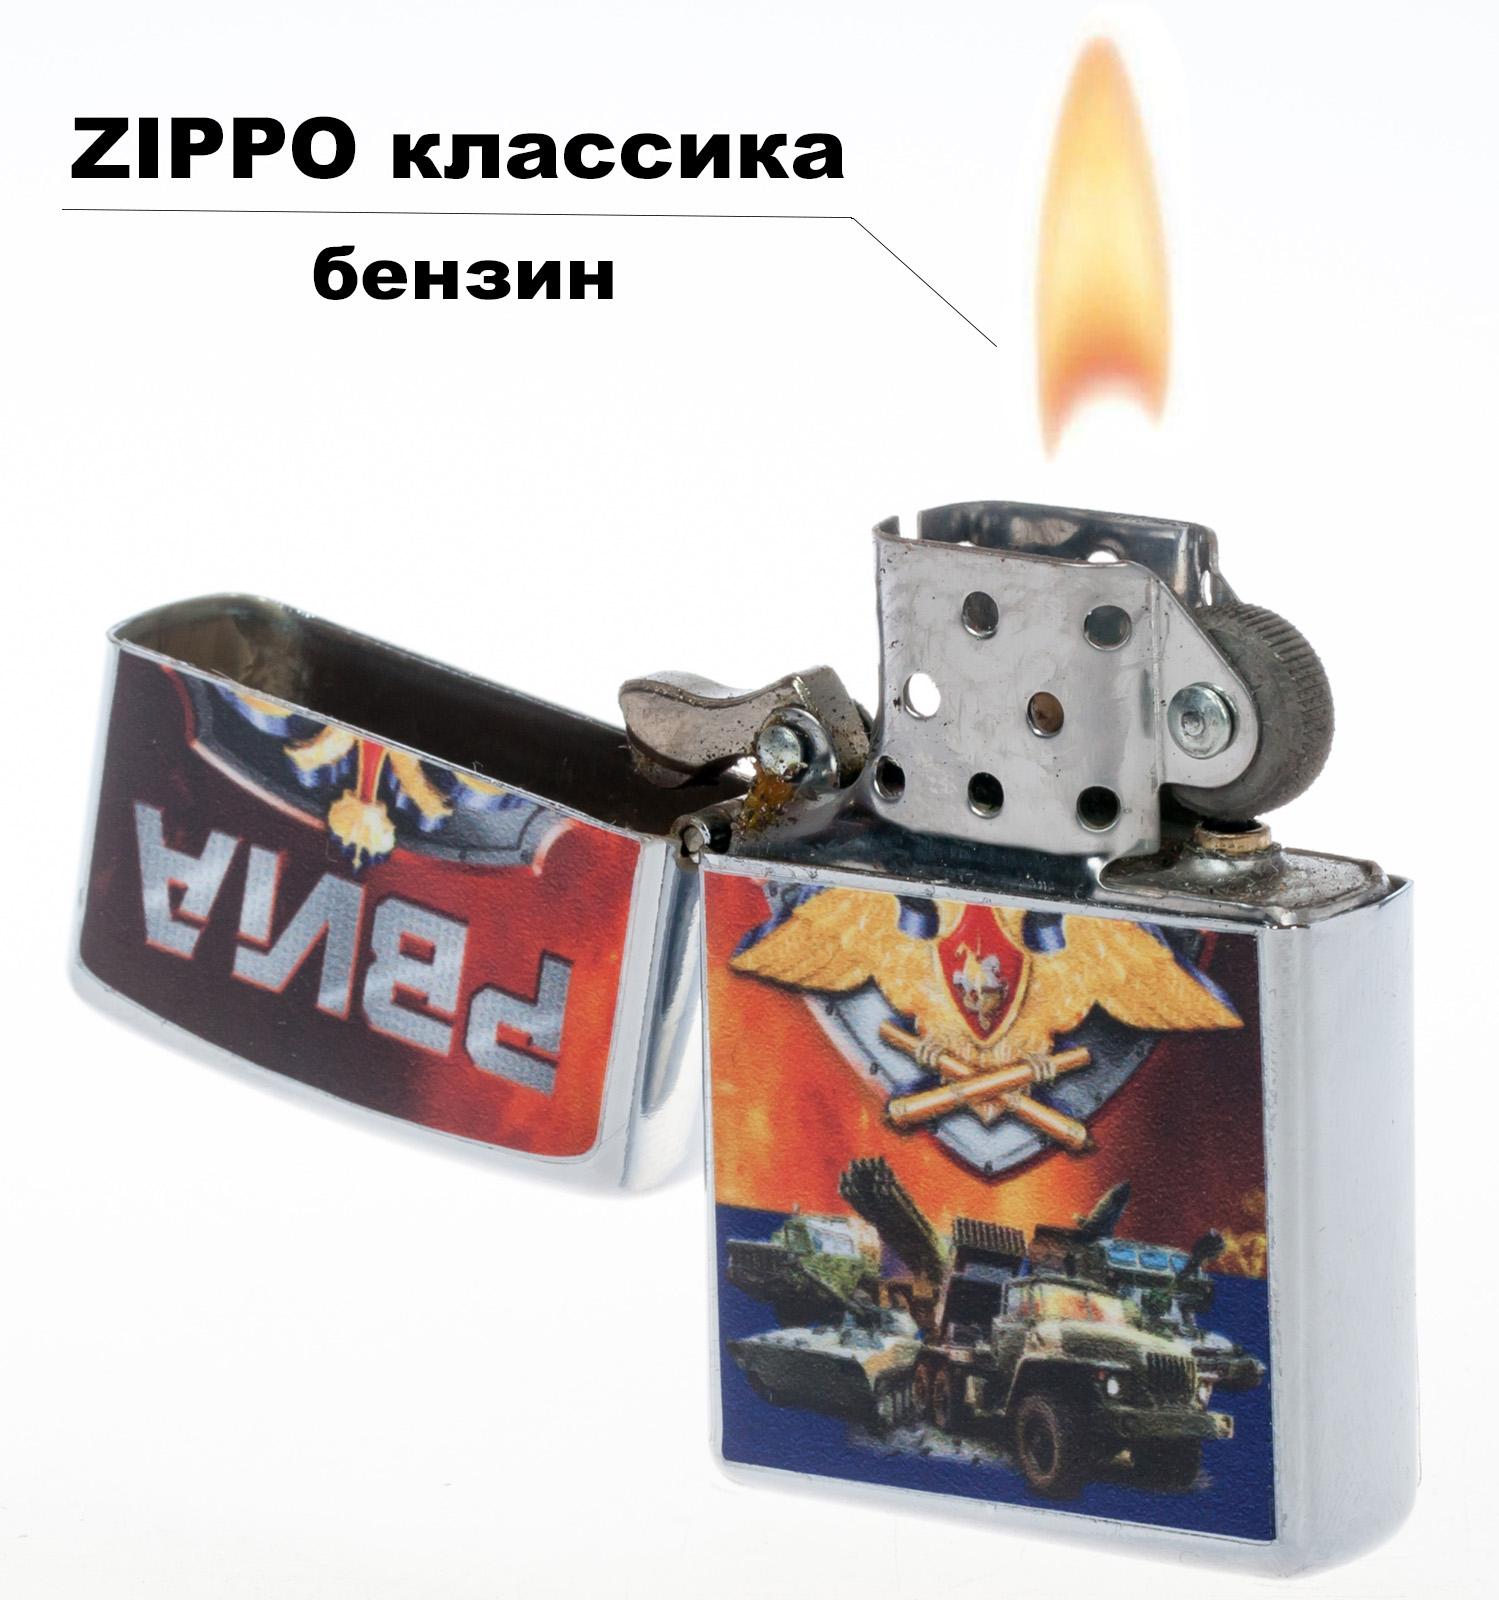 Бензиновая зажигалка в дизайне РВиА